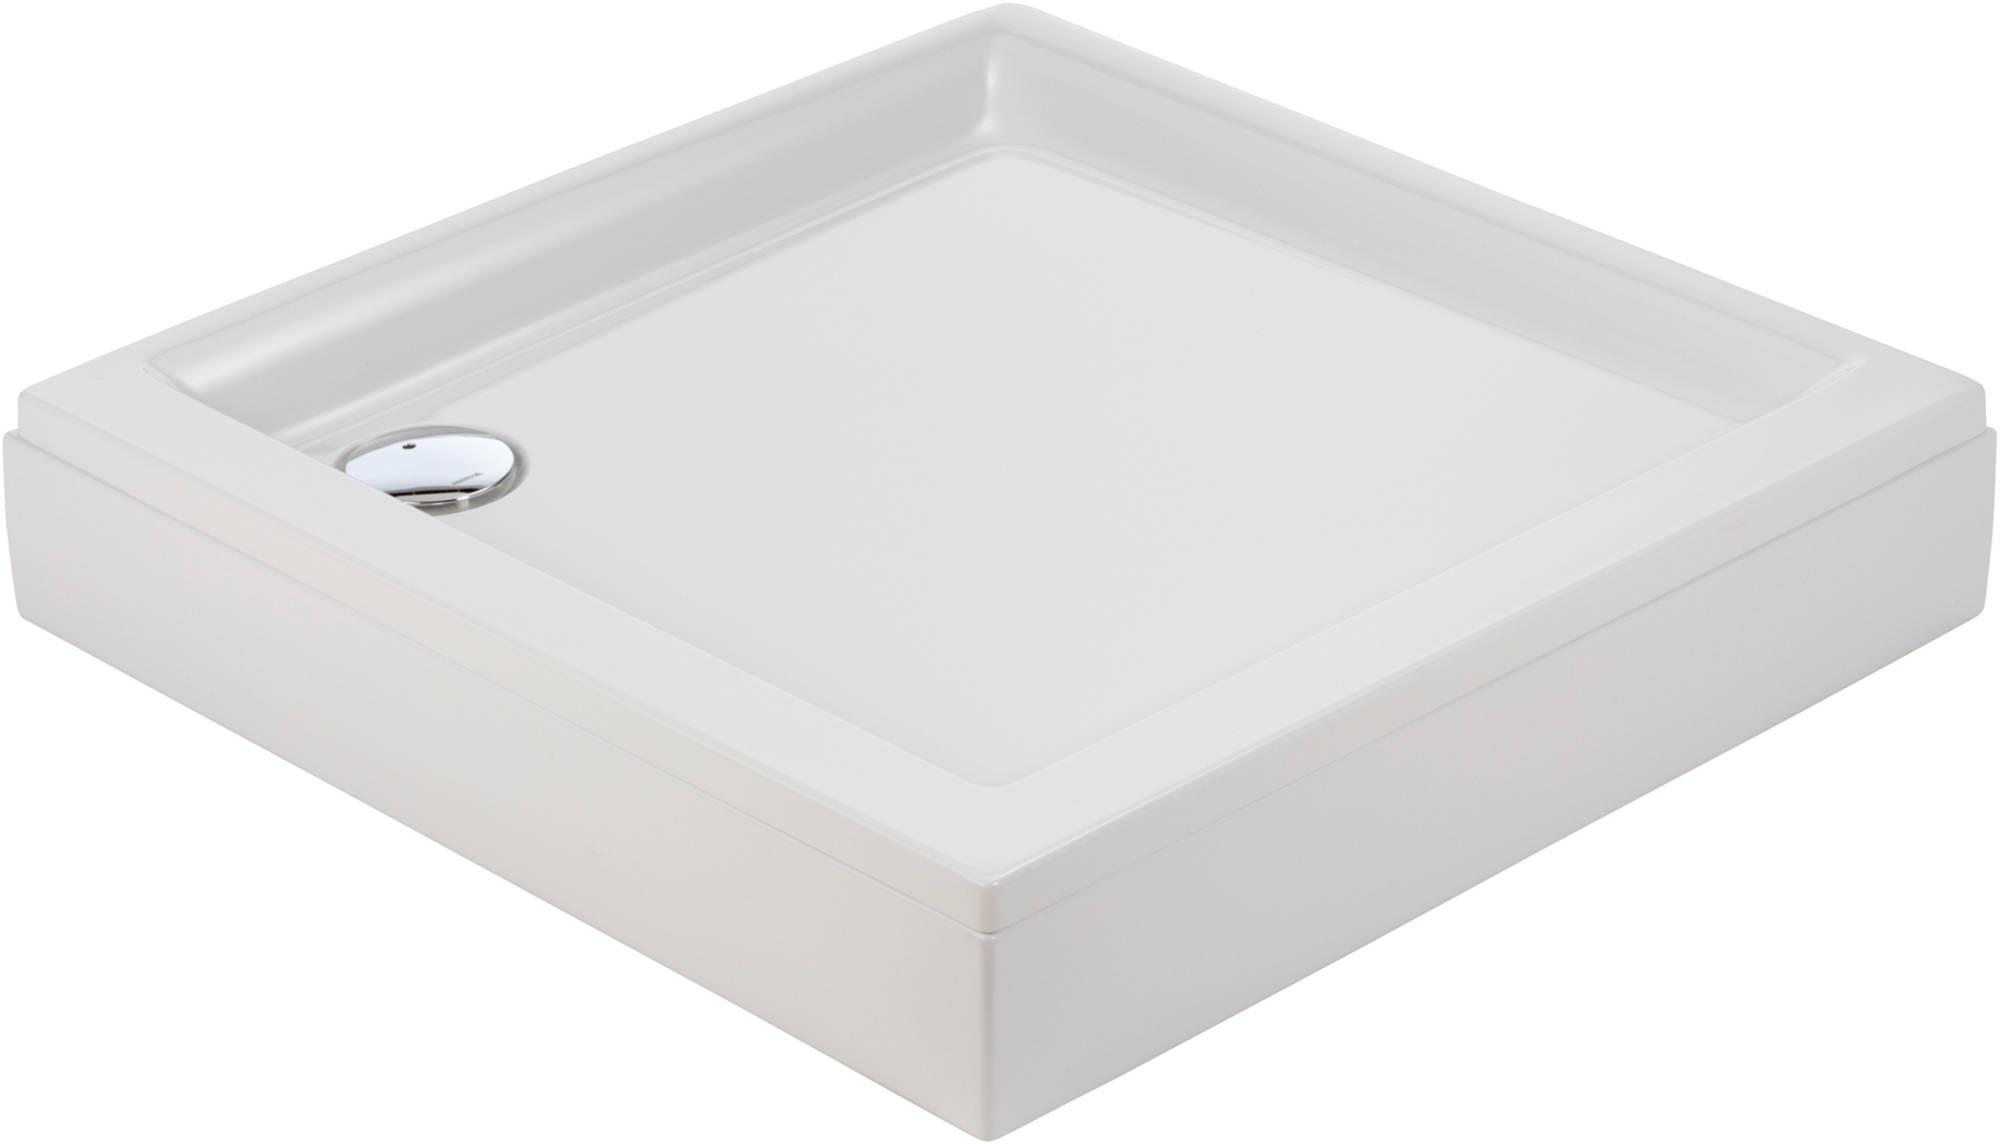 Sealskin Senso douchebak vierkant 90x90cm met voorpaneel, wit